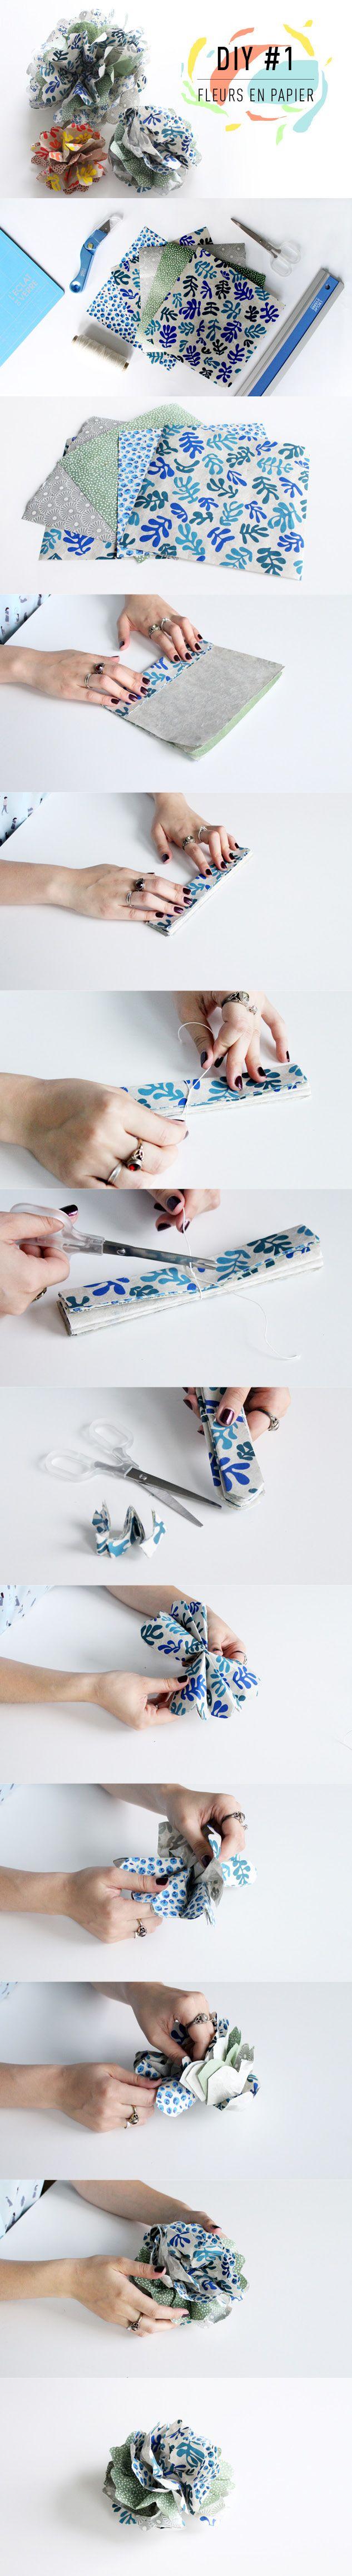 L'Éclat de Verre Encadreur - Créateur vous propose une série de DIY pour apprendre à réaliser des fleurs en papier ! Pour ce DIY#1 réalisez une pivoine ! Rendez-vous sur le blog pour plus d'explications http://www.eclatdeverre.com/diy-1-fleurs-en-papier-la-pivoine/ #eclatdeverre #diy #fleur #papier #tuto